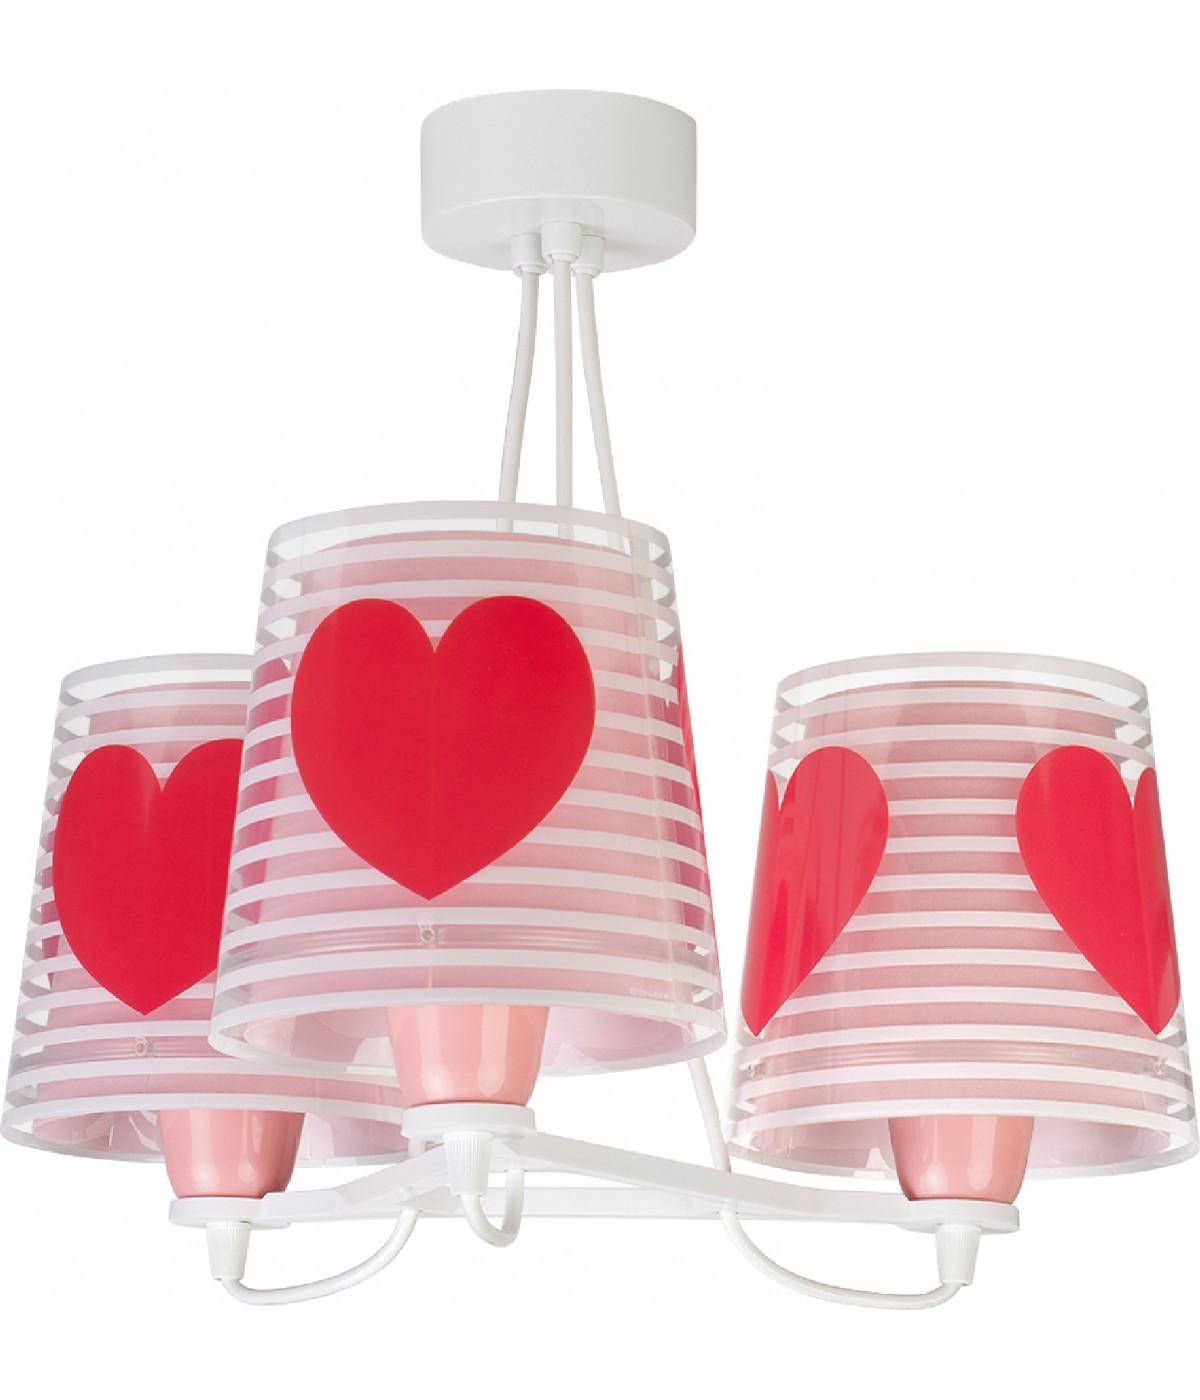 Candeeiro infantil de teto três luzes Light Feeling rosa